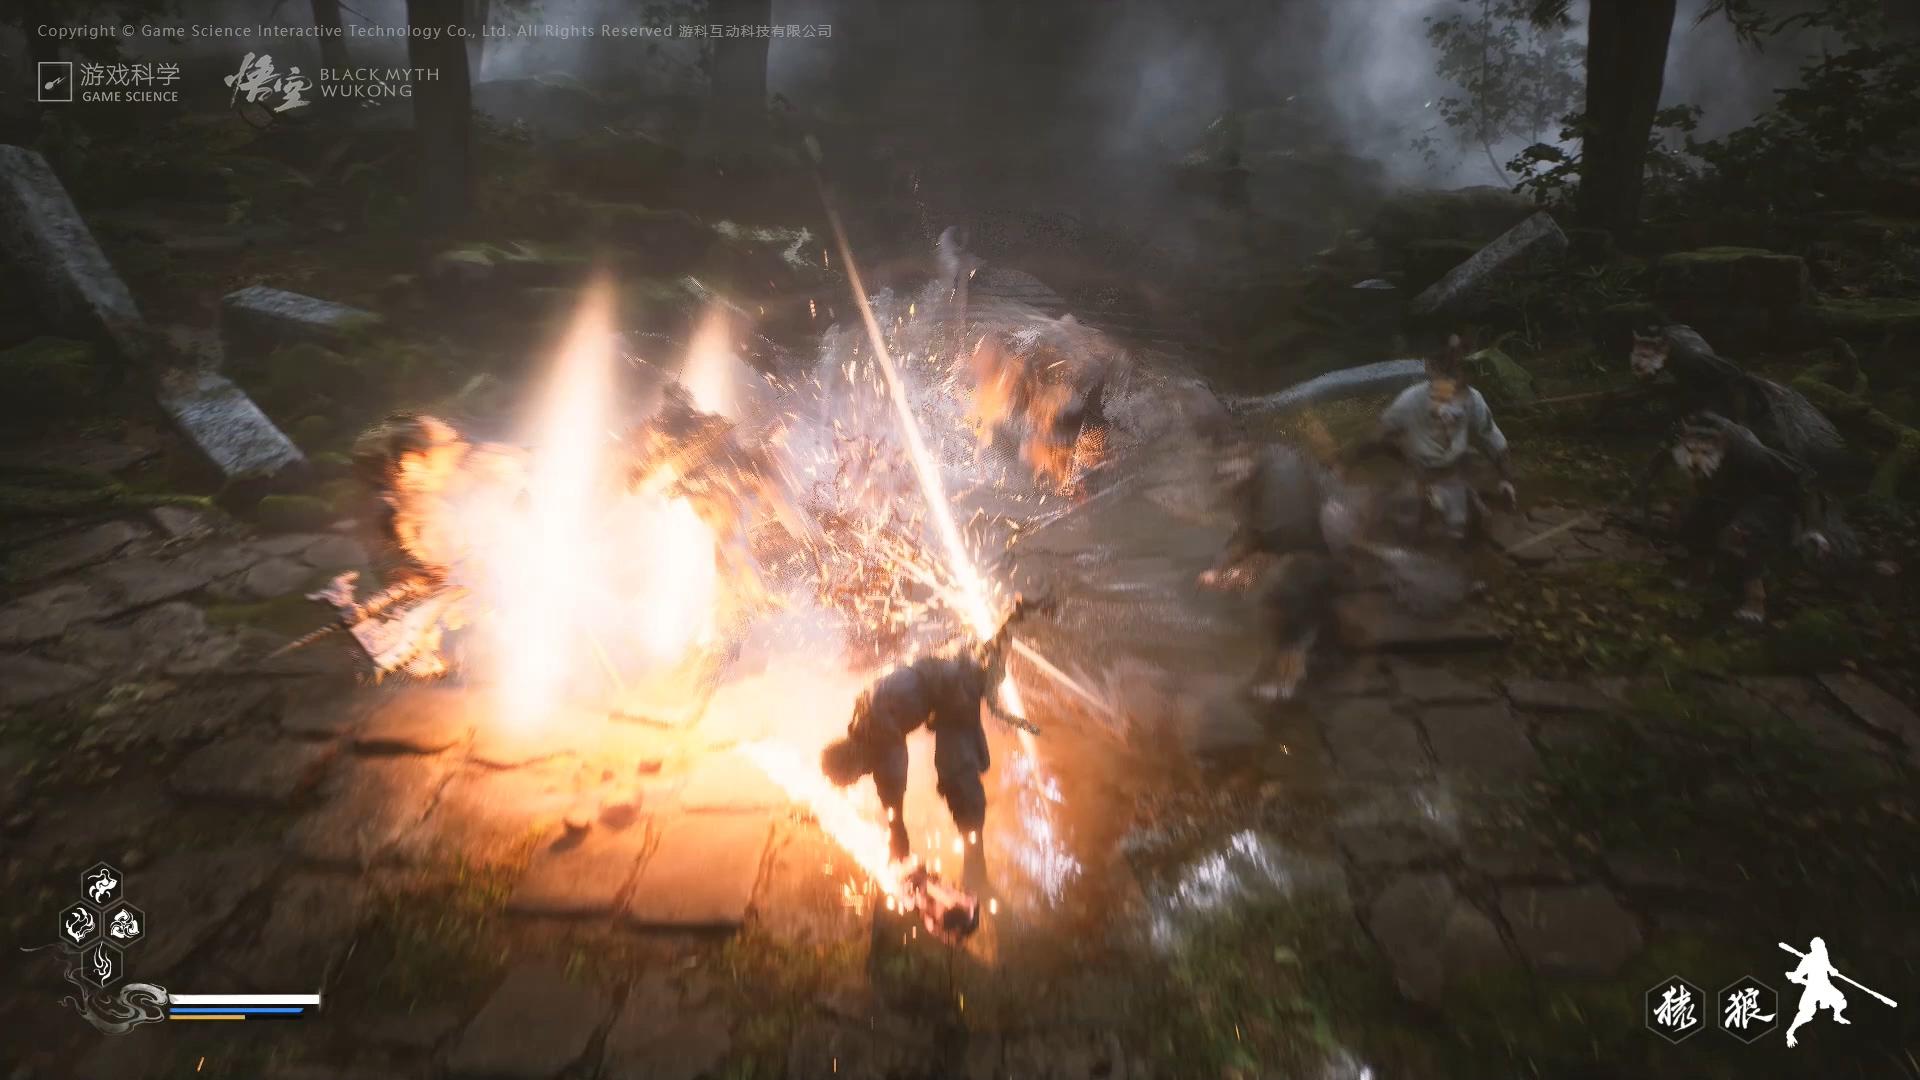 3A大作《黑神话:悟空》发布游戏演示视频,国产游戏之光即将到来